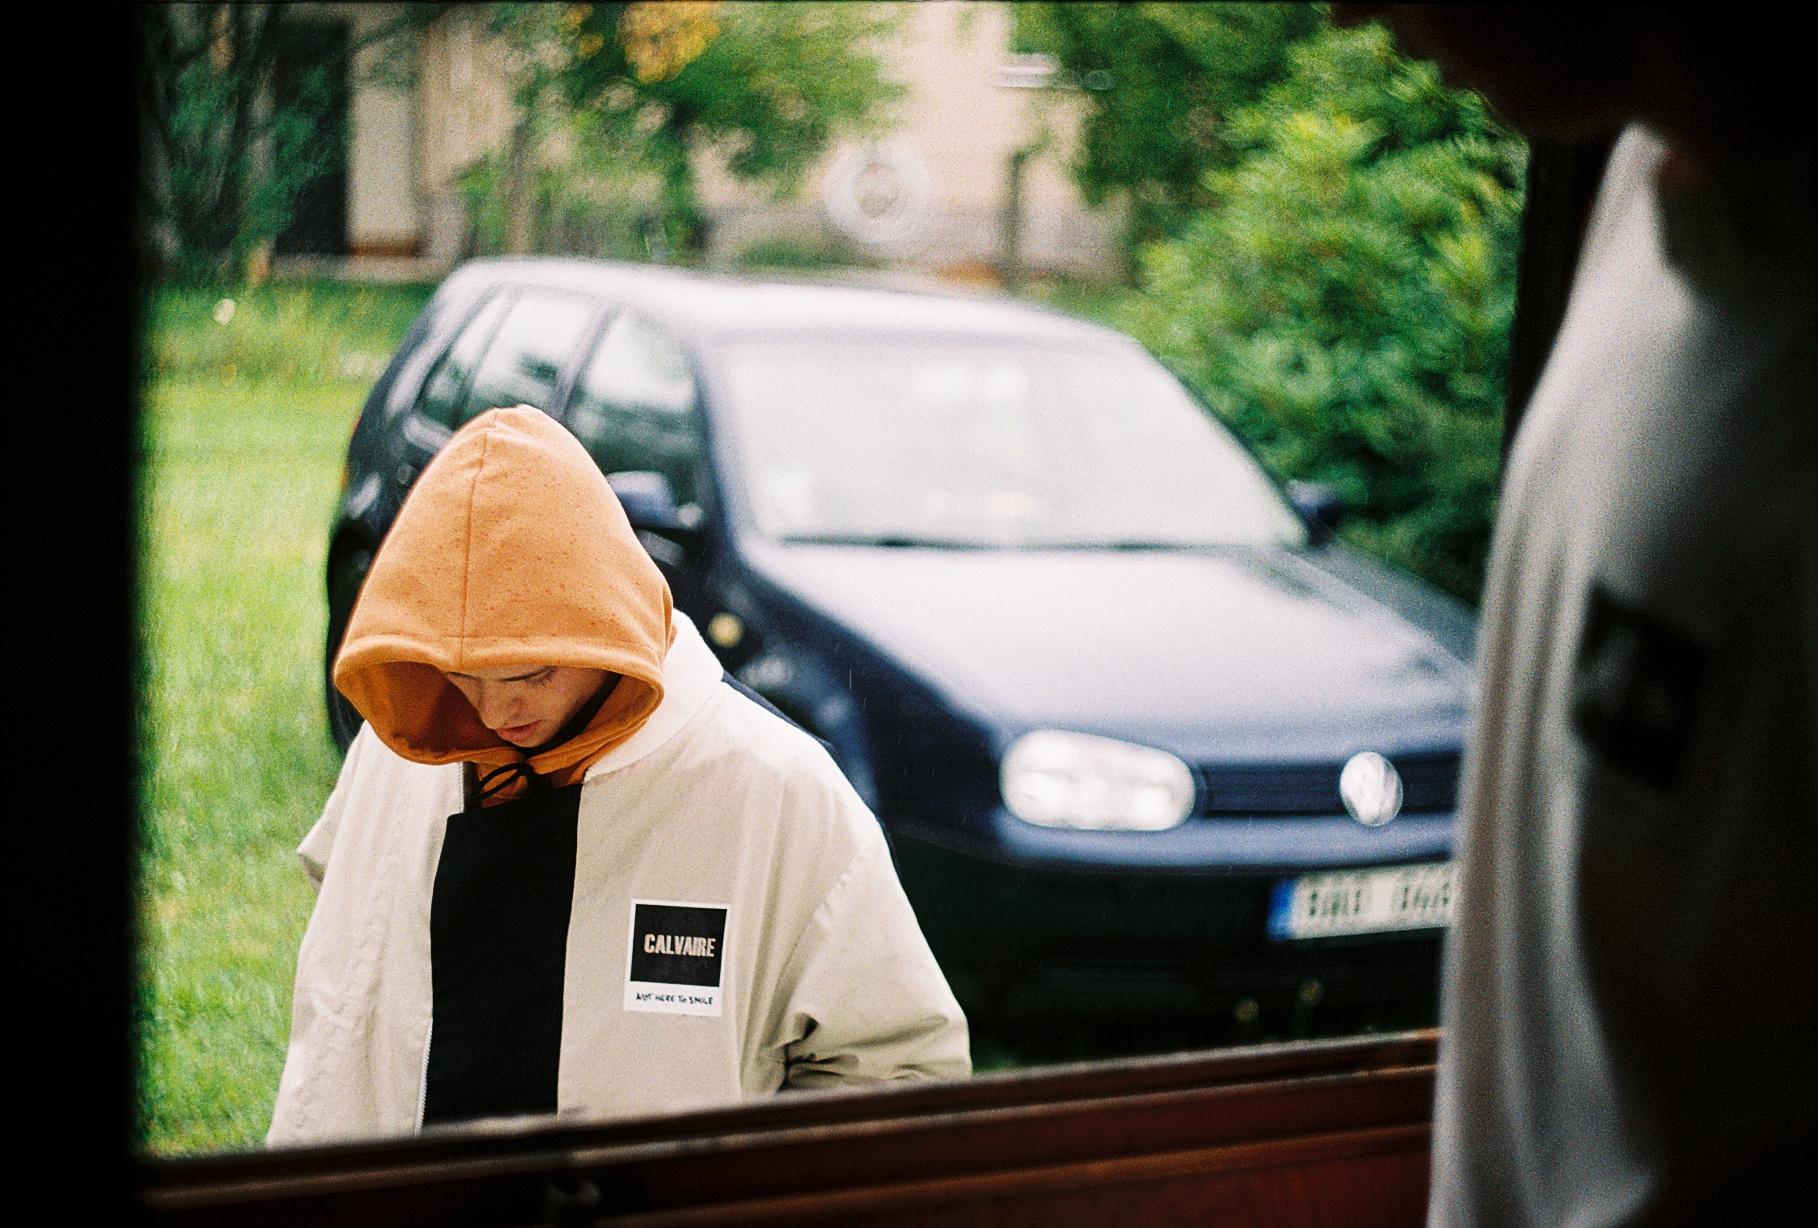 Calvaire Paris lookbook feat. Dalyb